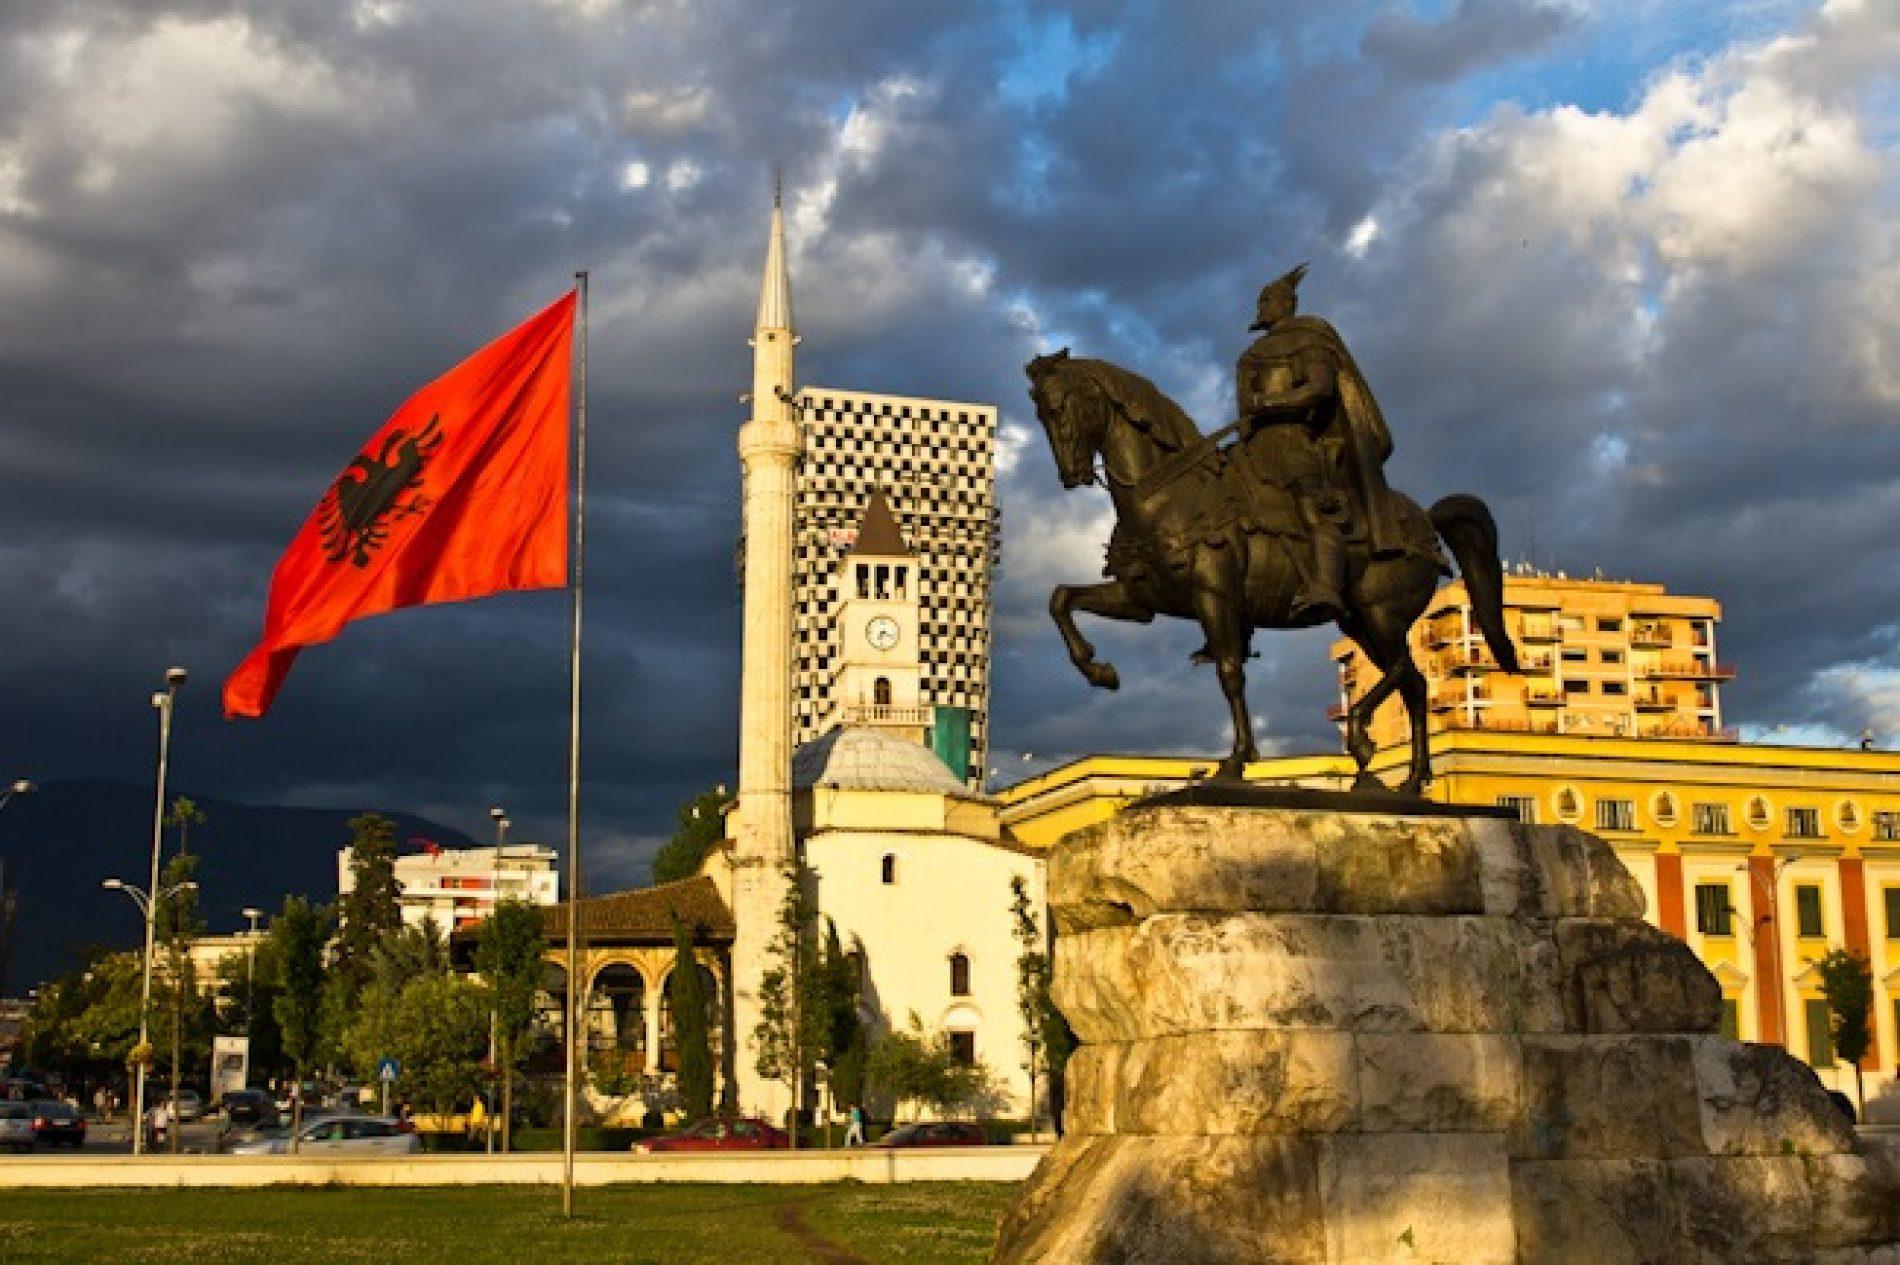 Albanija: Usvojen Zakon o zaštiti nacionalnih manjina, među njima i Bošnjaci